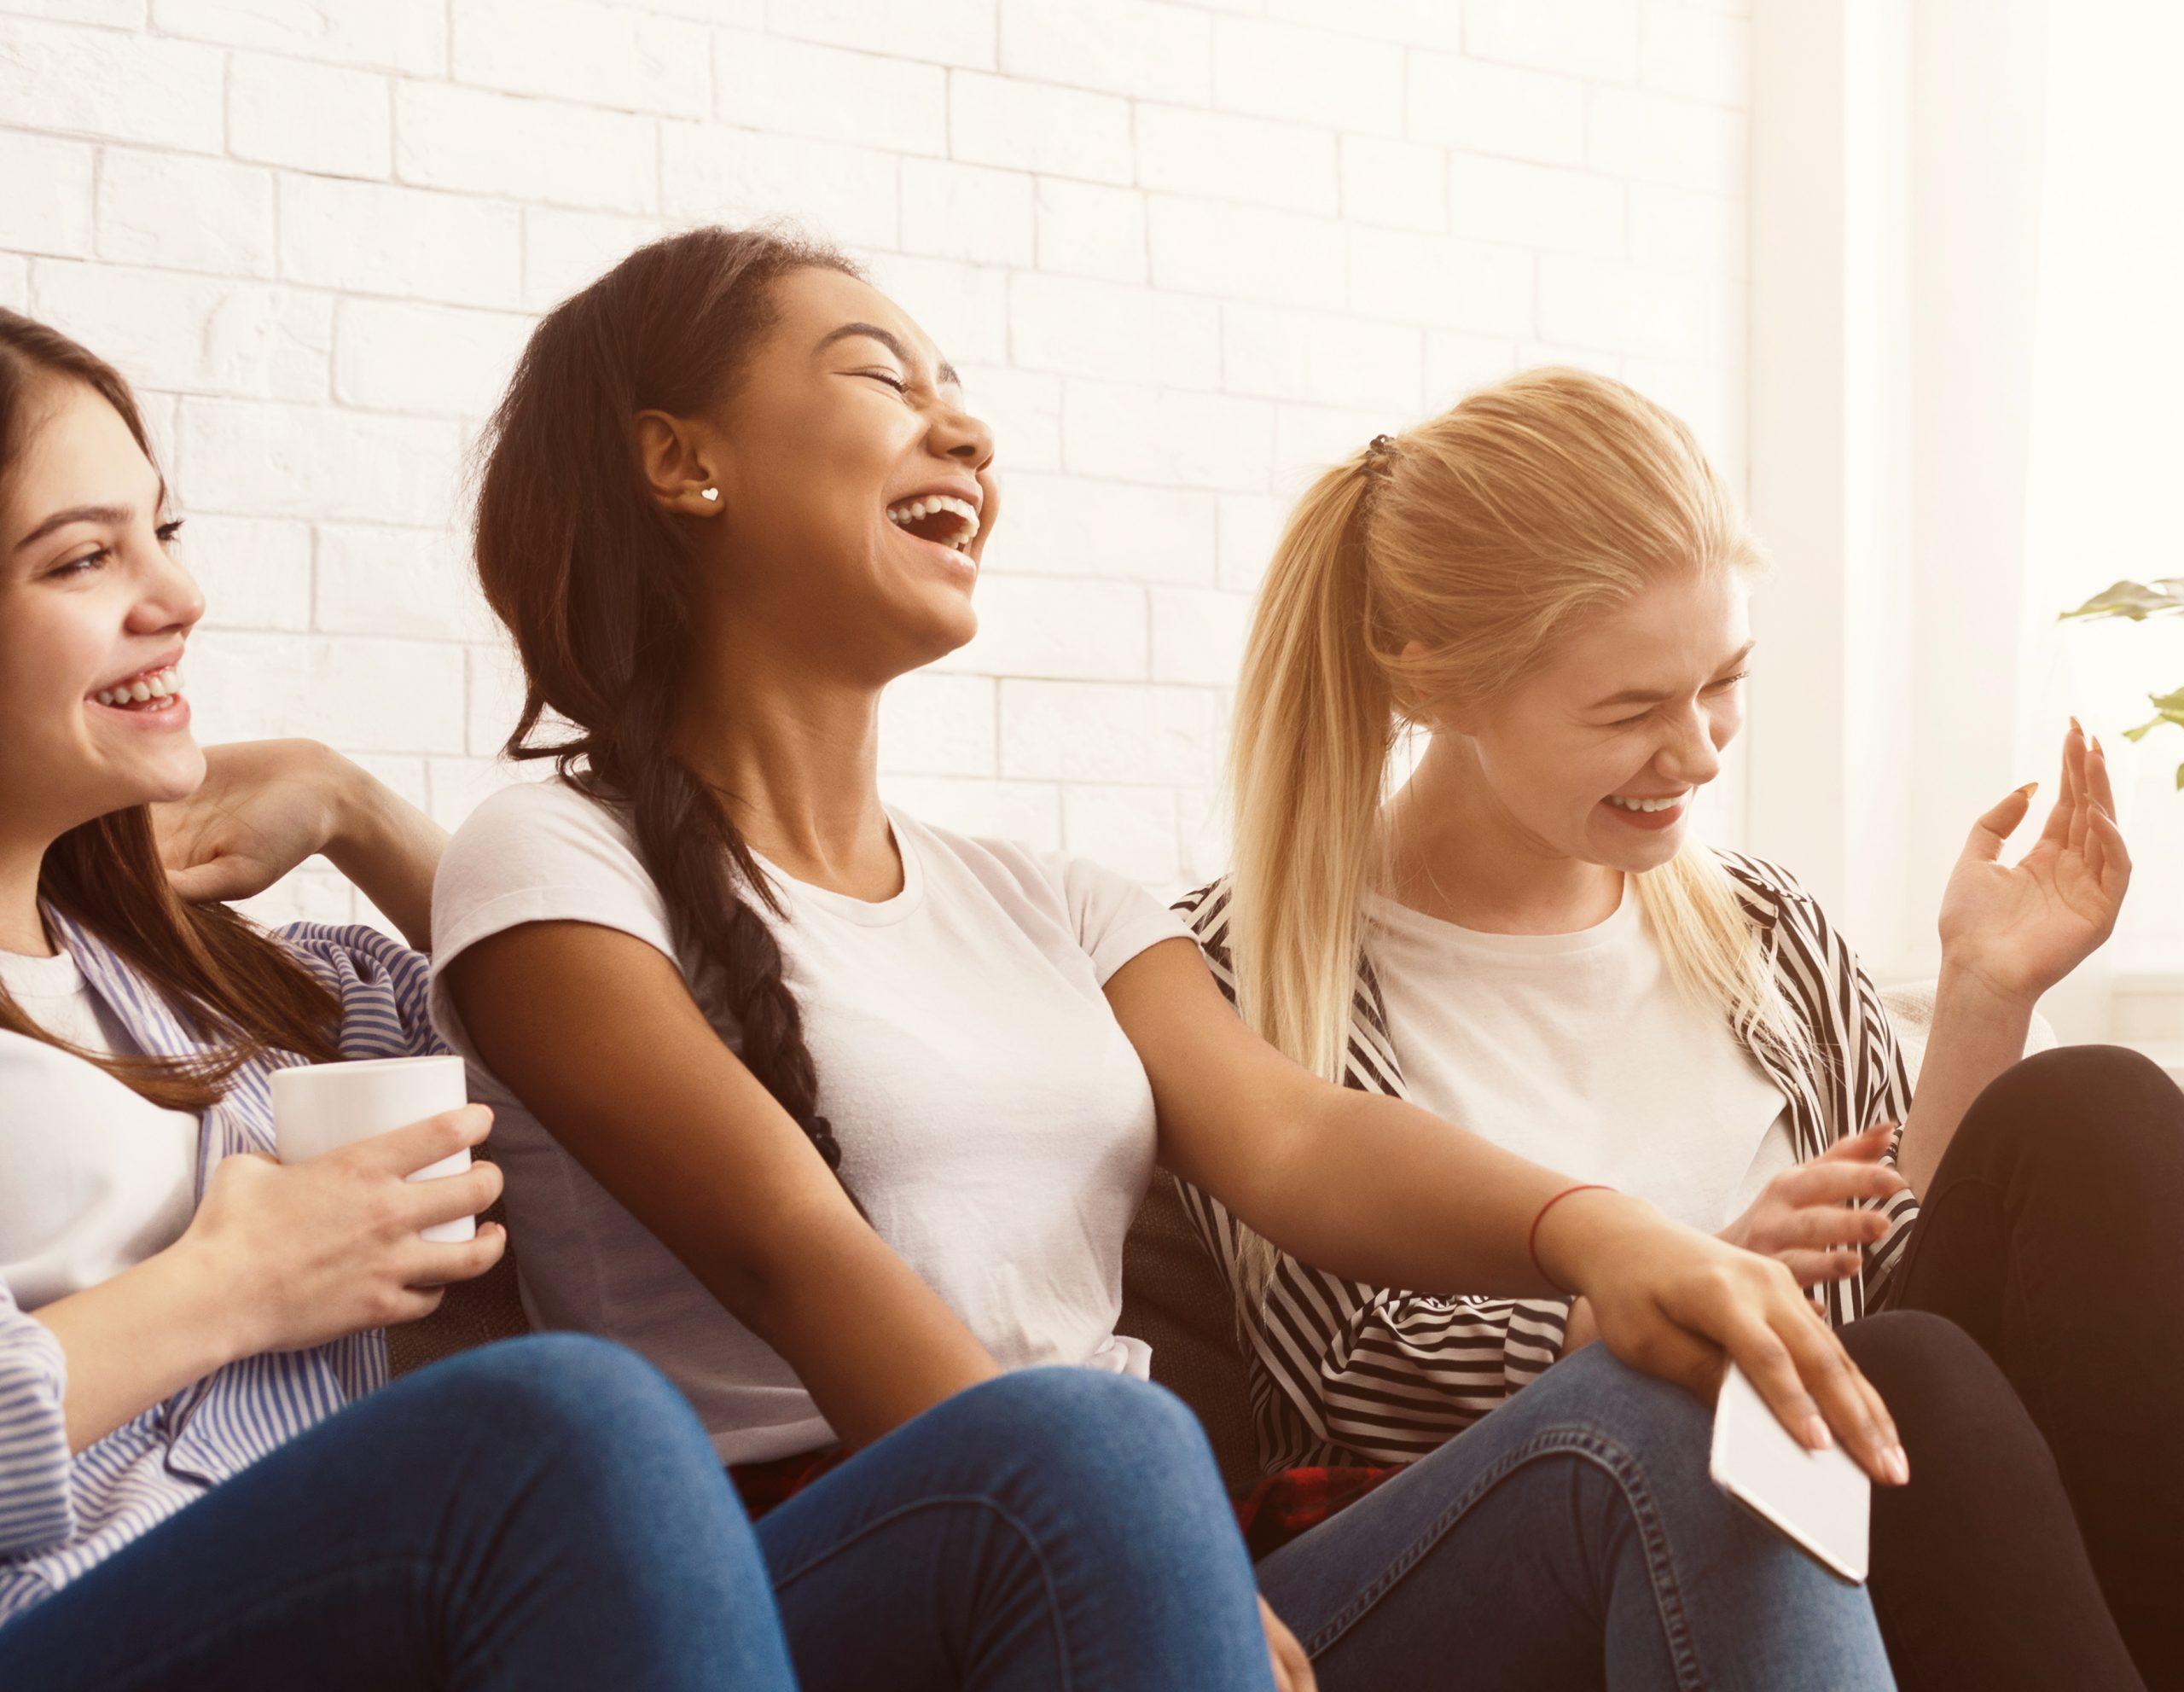 Drei lachende junge Frauen, die sich im Rahmen eines Worldcafés unterhalten